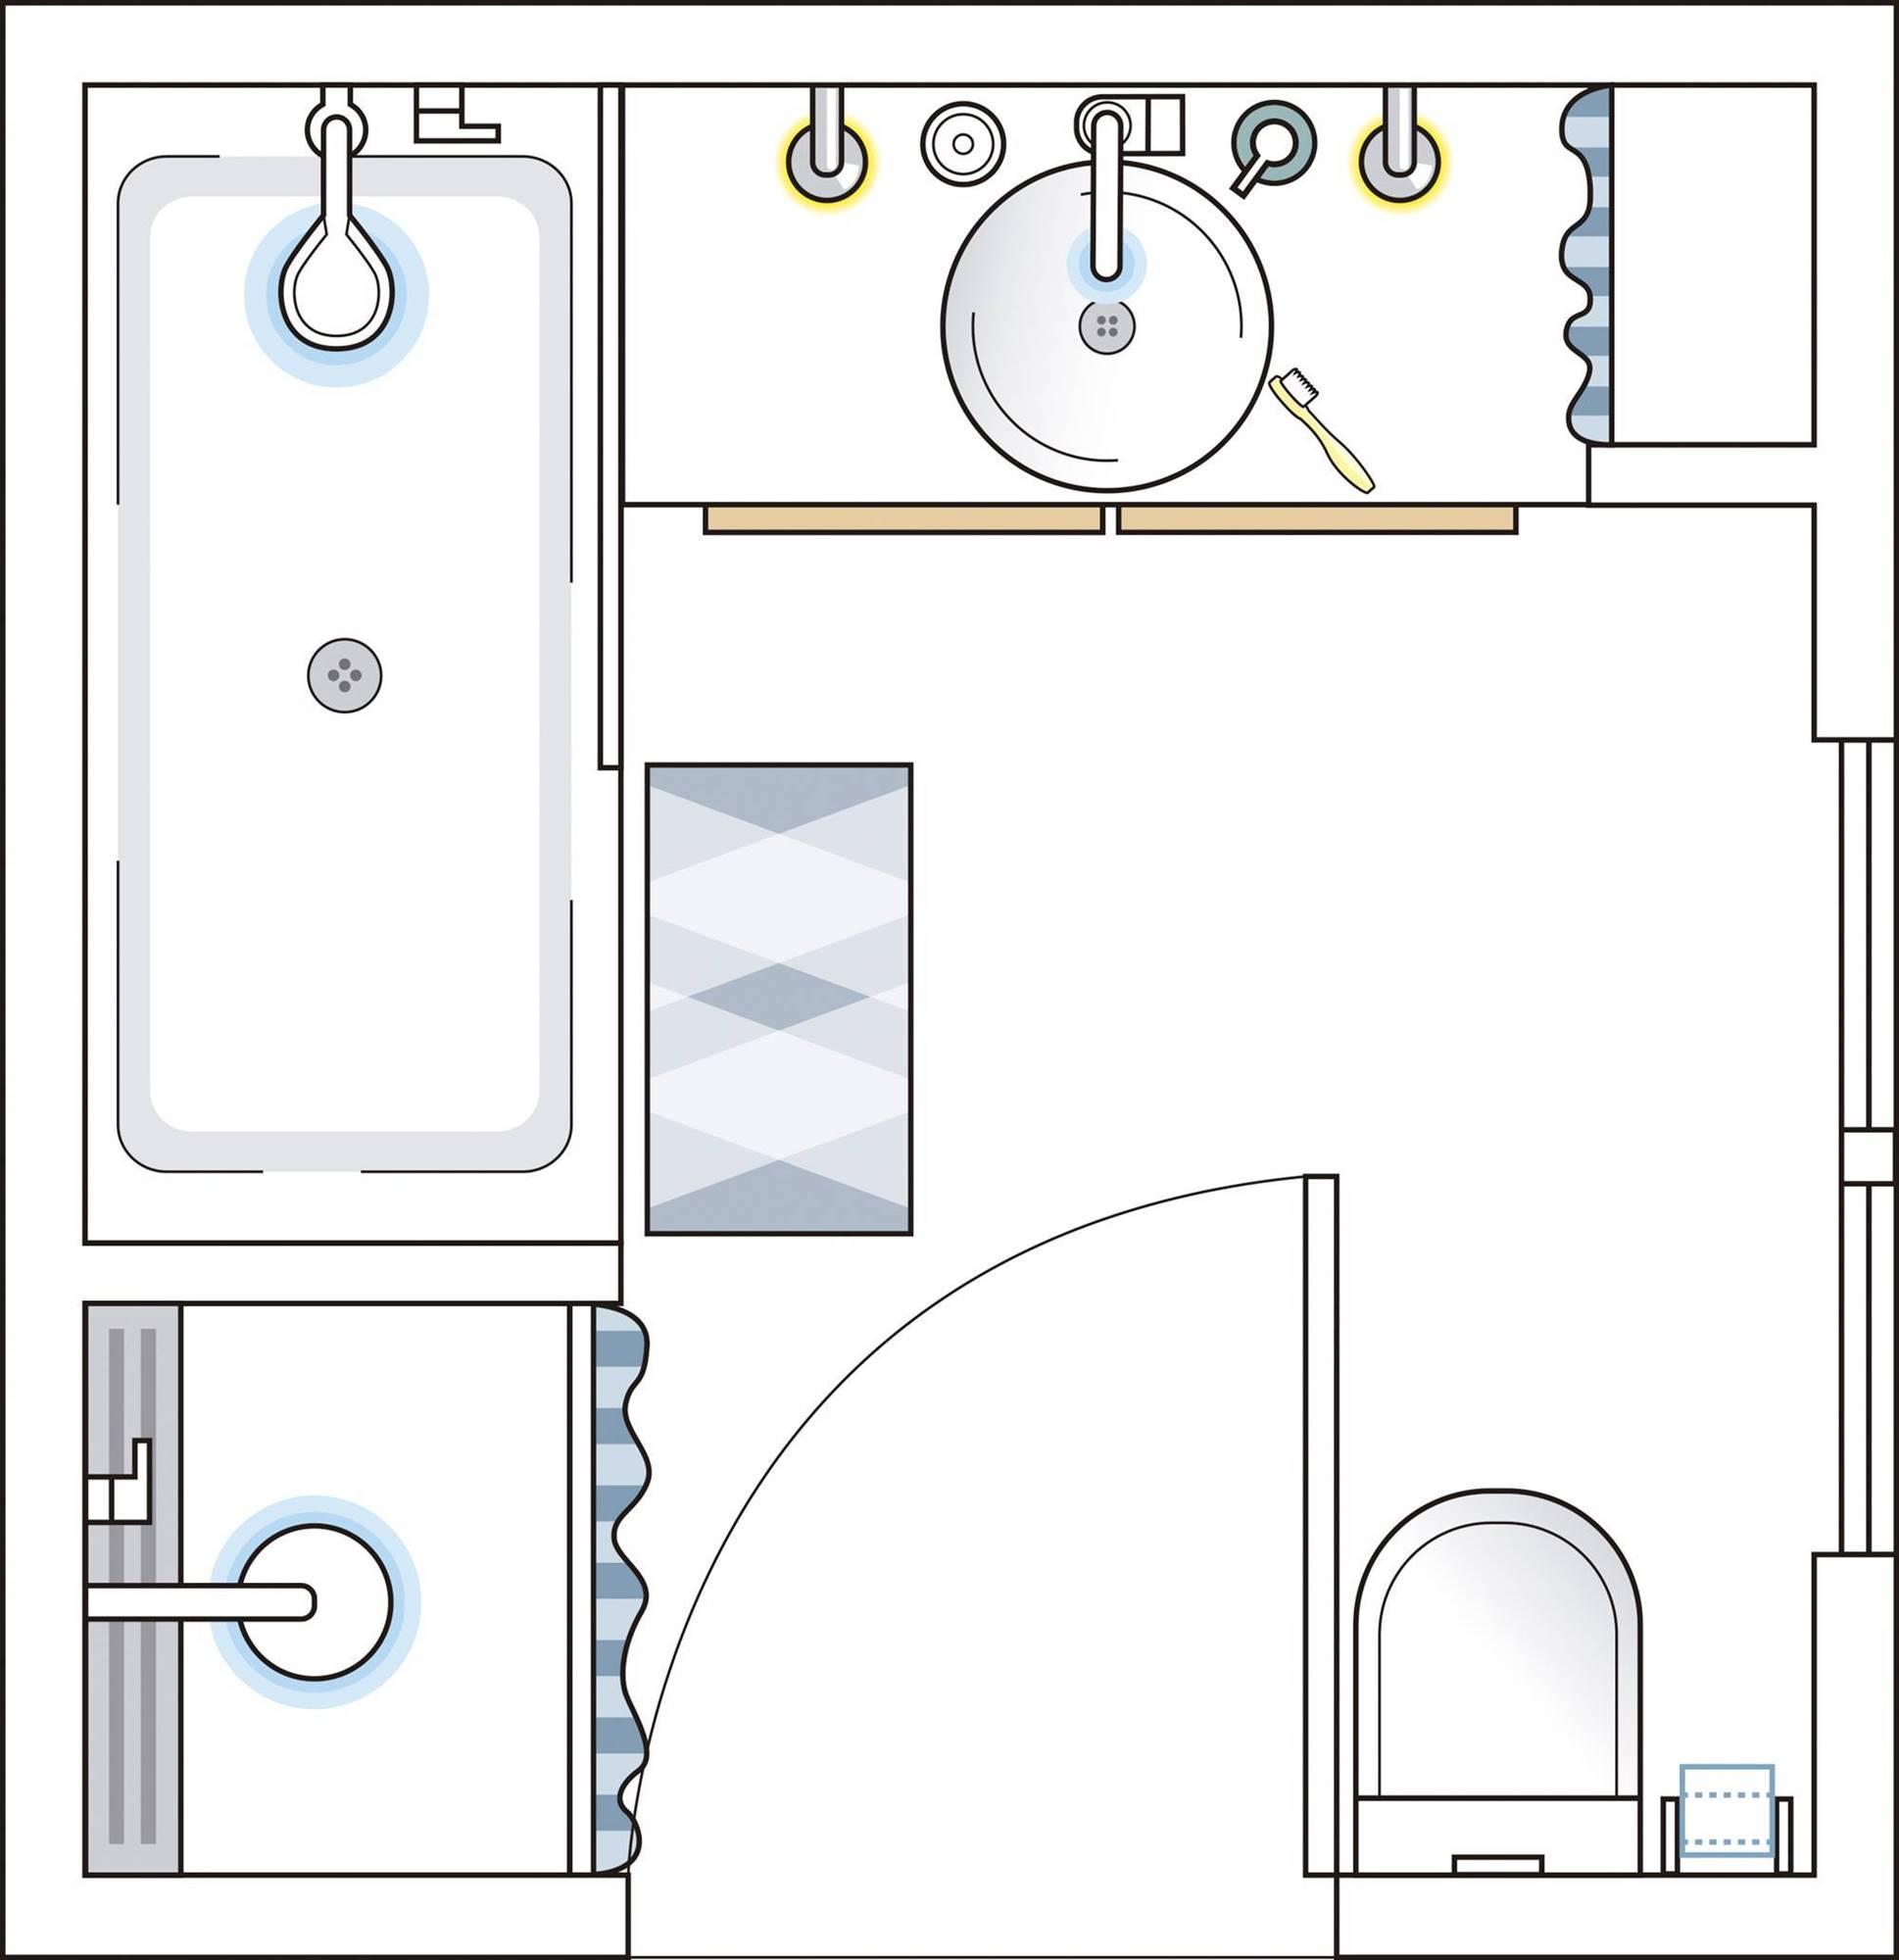 Bathroom plan of less than 6 m2 00498686. A square bathroom